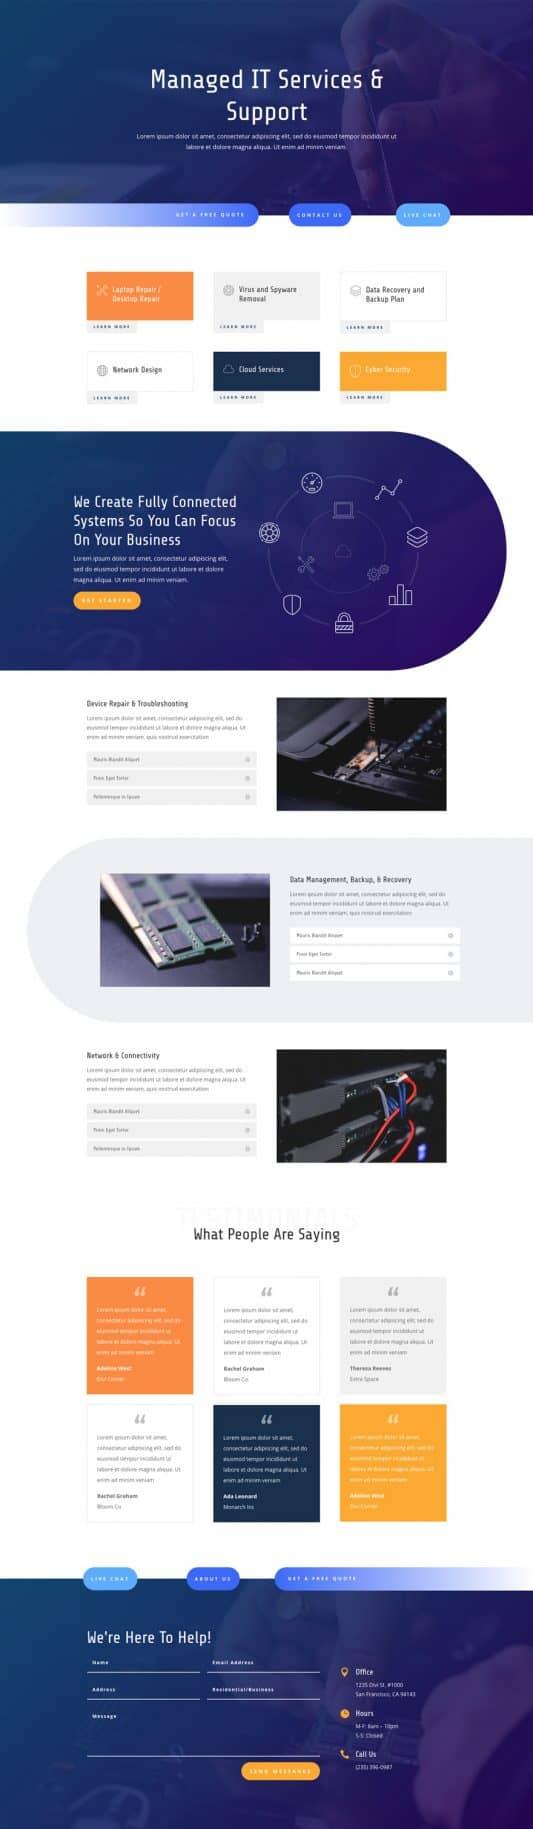 IT Services Web Design 7